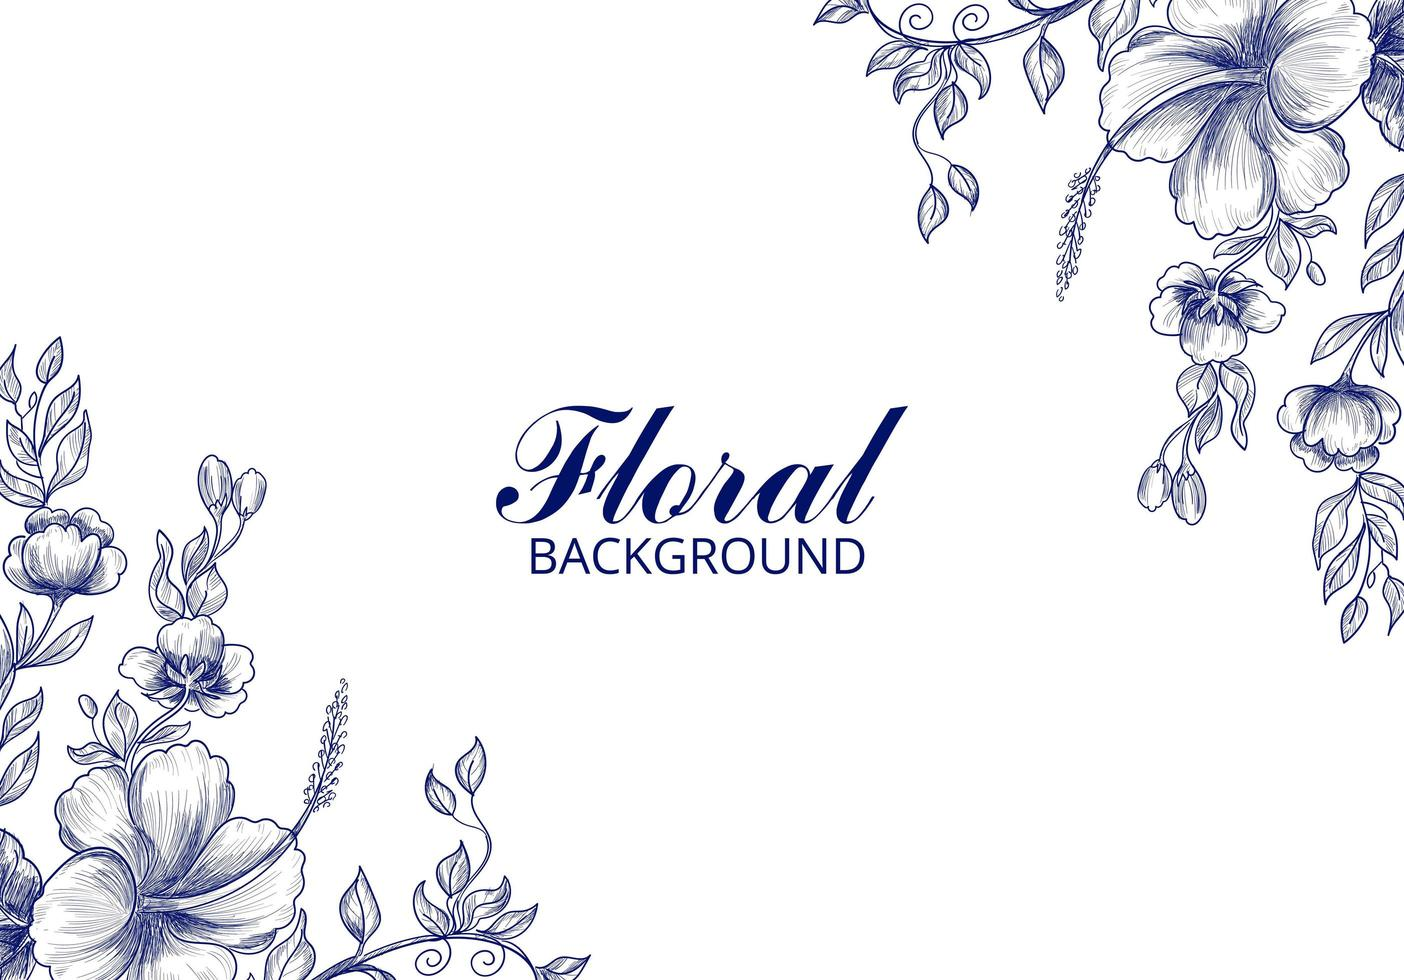 Hochzeit Blumenkarte Hintergrund vektor